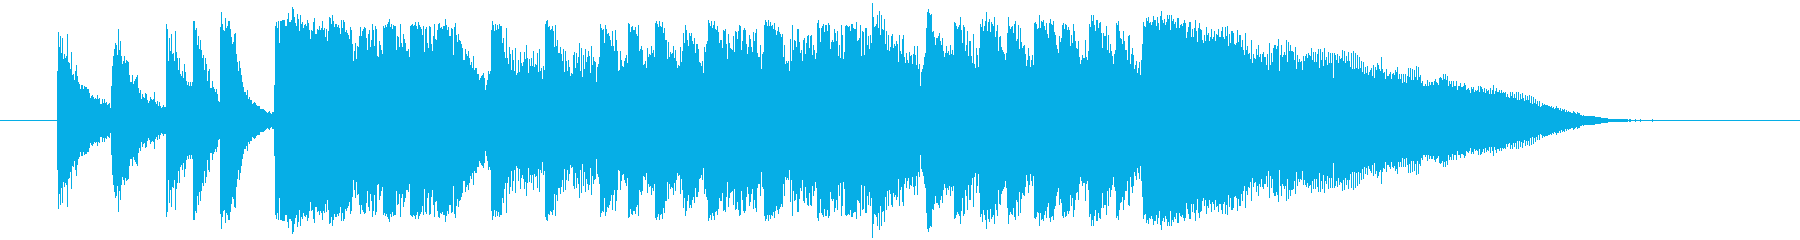 ロックアレンジのサウンドロゴ、ショート…の再生済みの波形